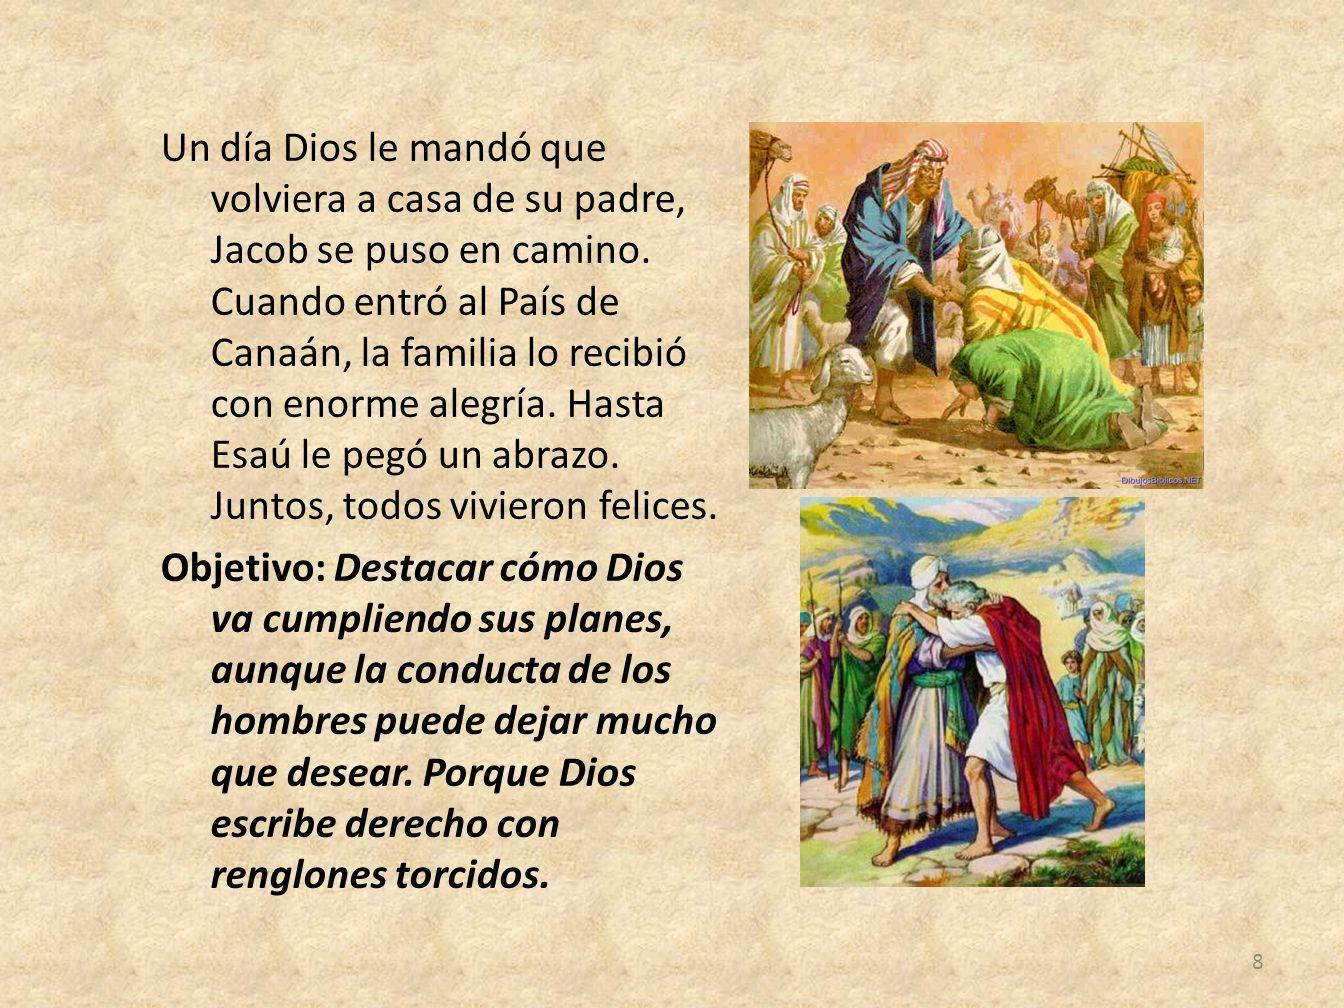 Un día Dios le mandó que volviera a casa de su padre, Jacob se puso en camino. Cuando entró al País de Canaán, la familia lo recibió con enorme alegrí